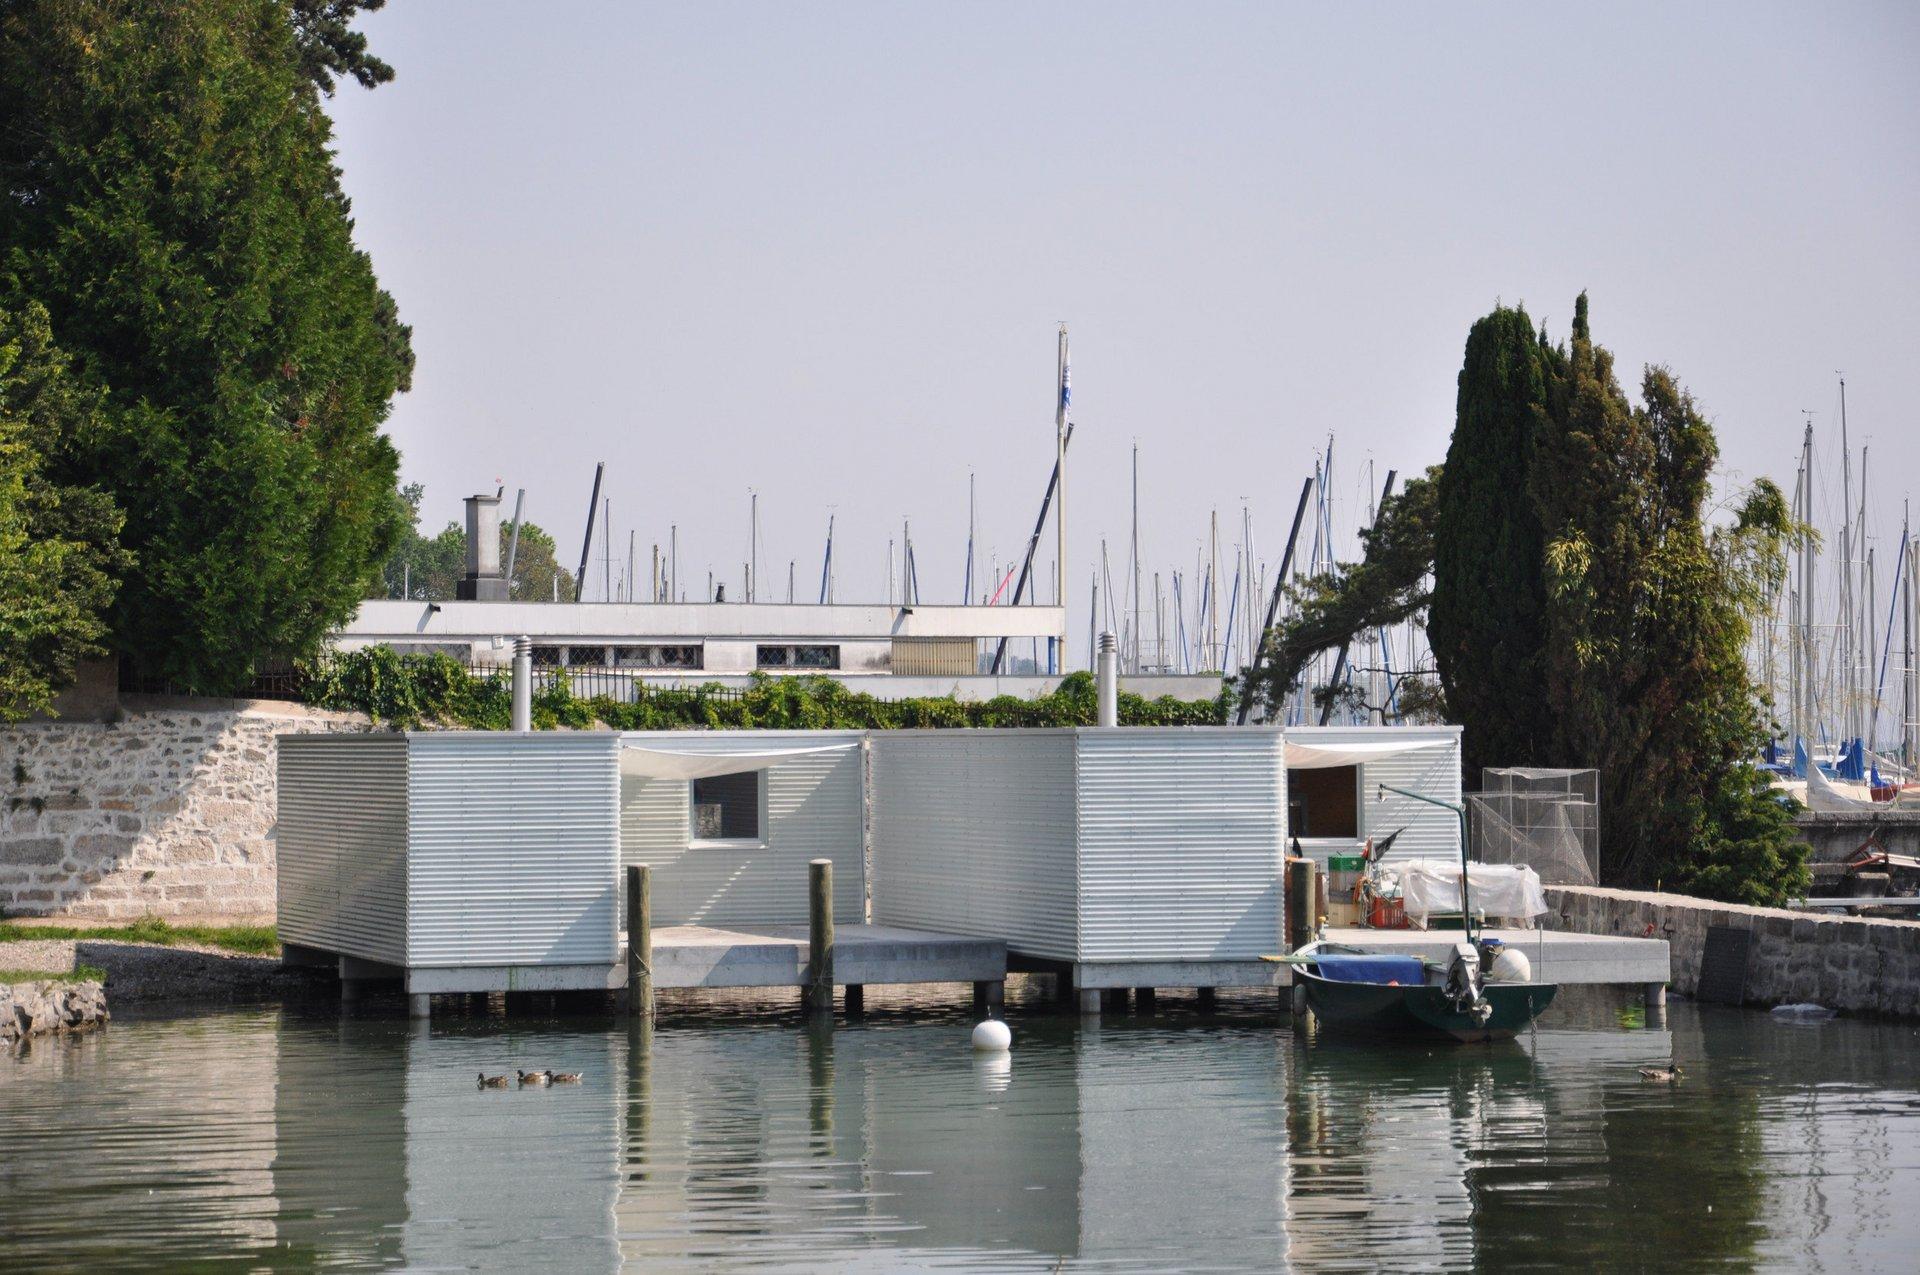 Fischerhütte in Modulbauweise auf Wasser